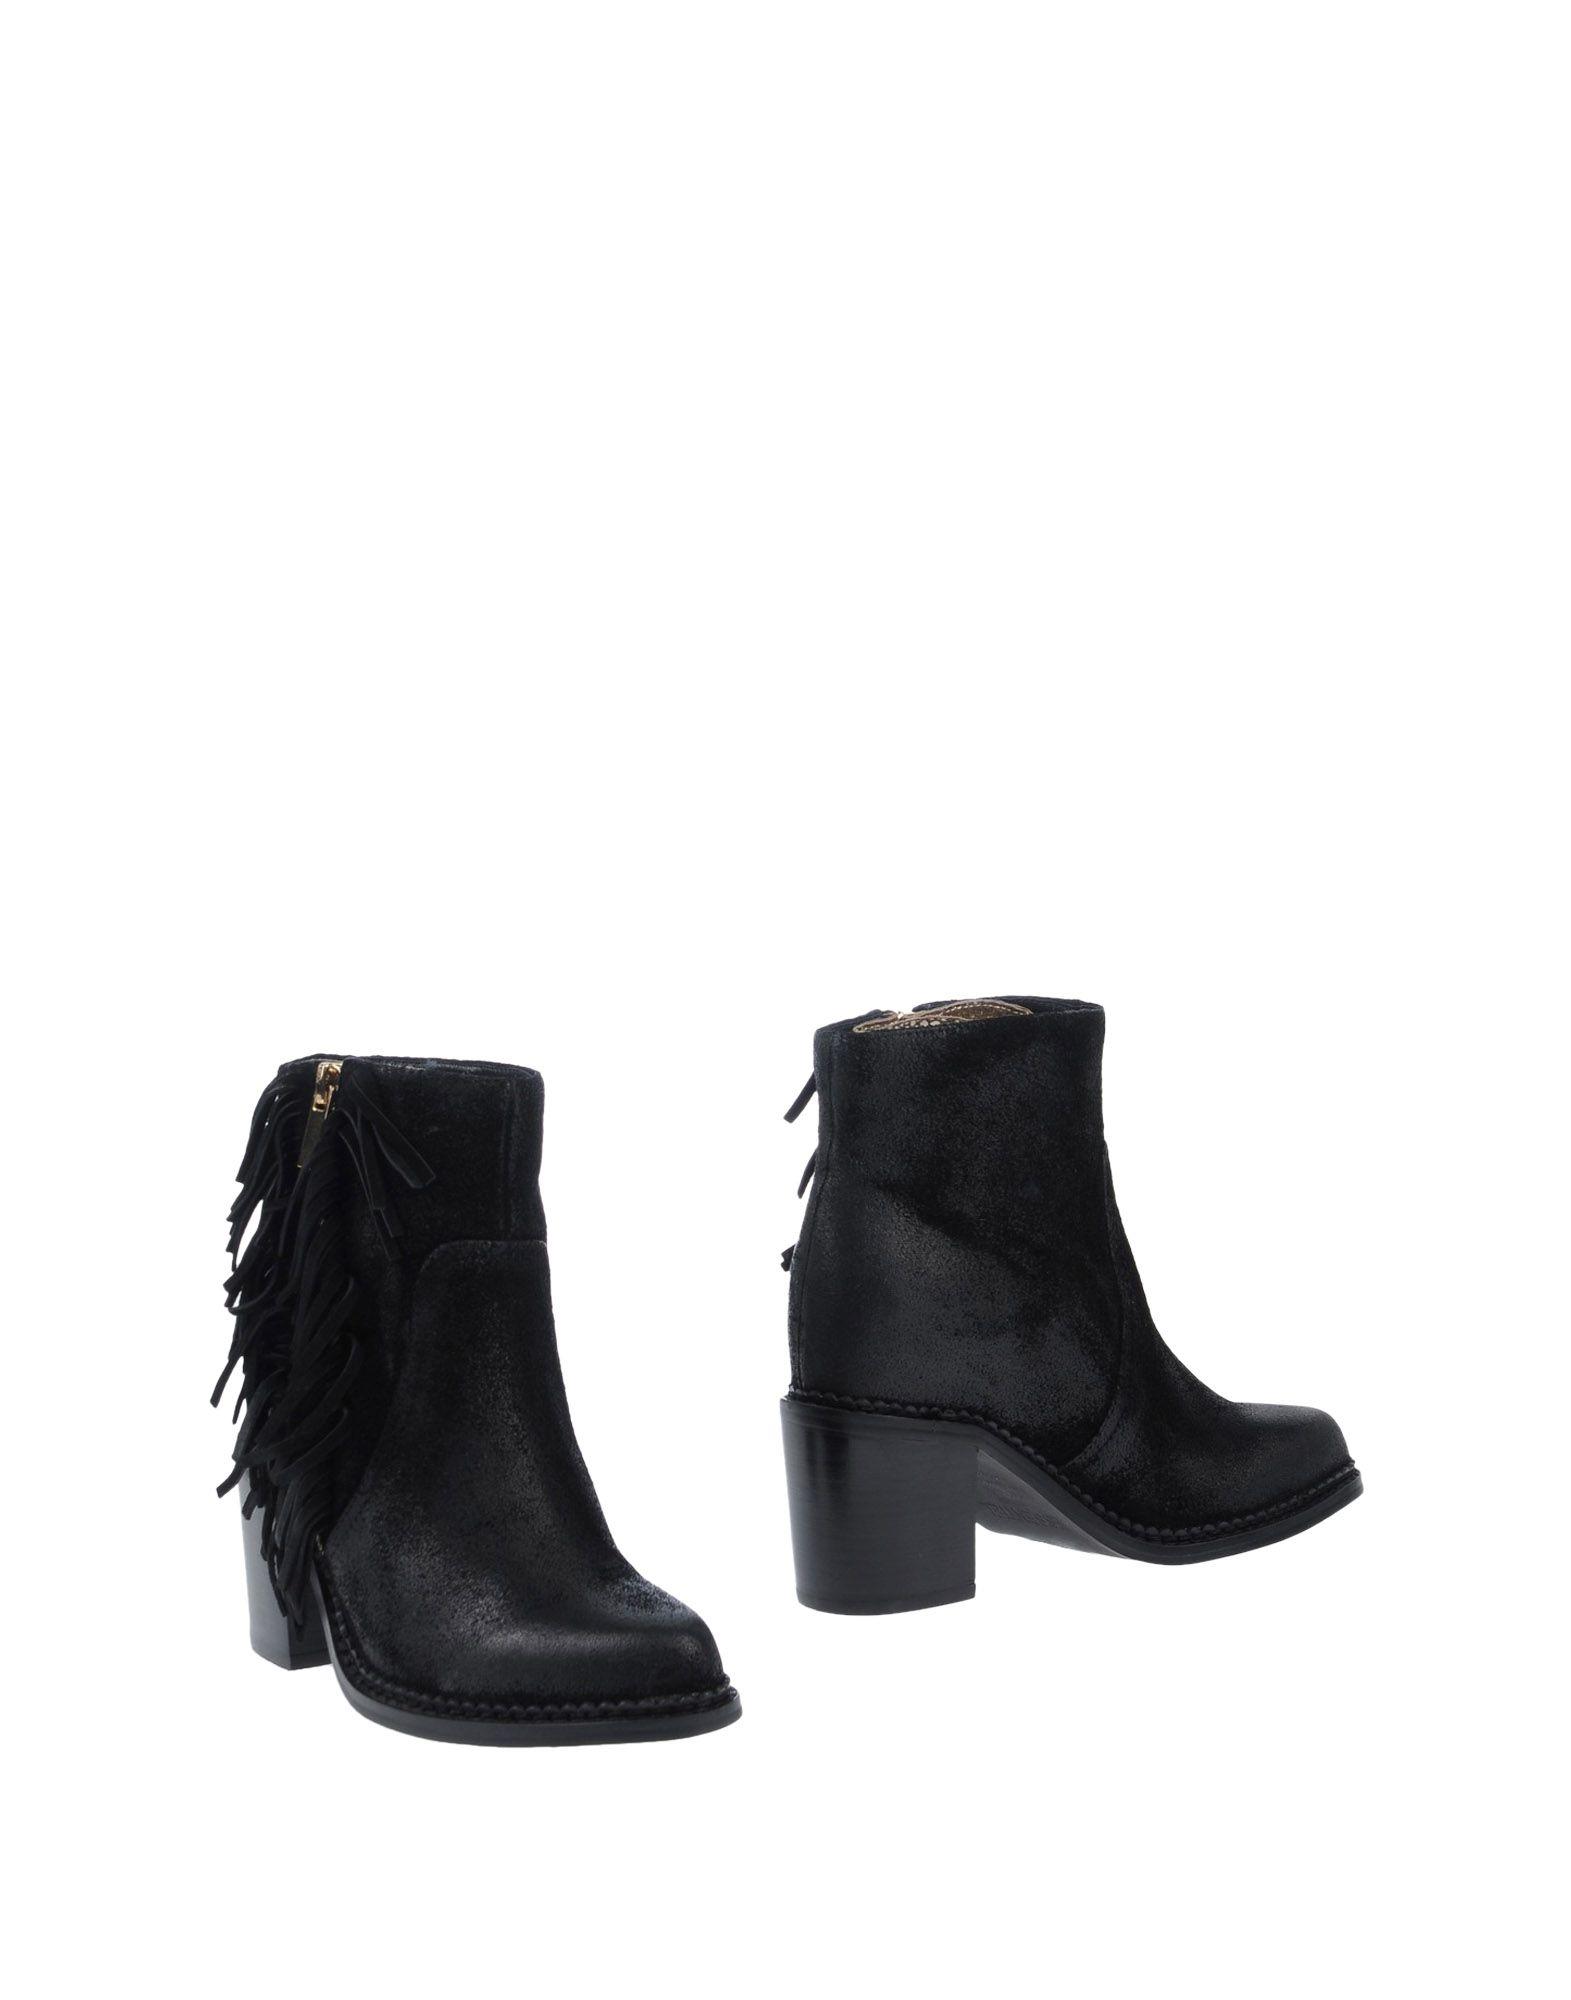 Stilvolle billige Schuhe Essentiel Antwerp Stiefelette Damen Damen Damen  11487247DV 66bcd0